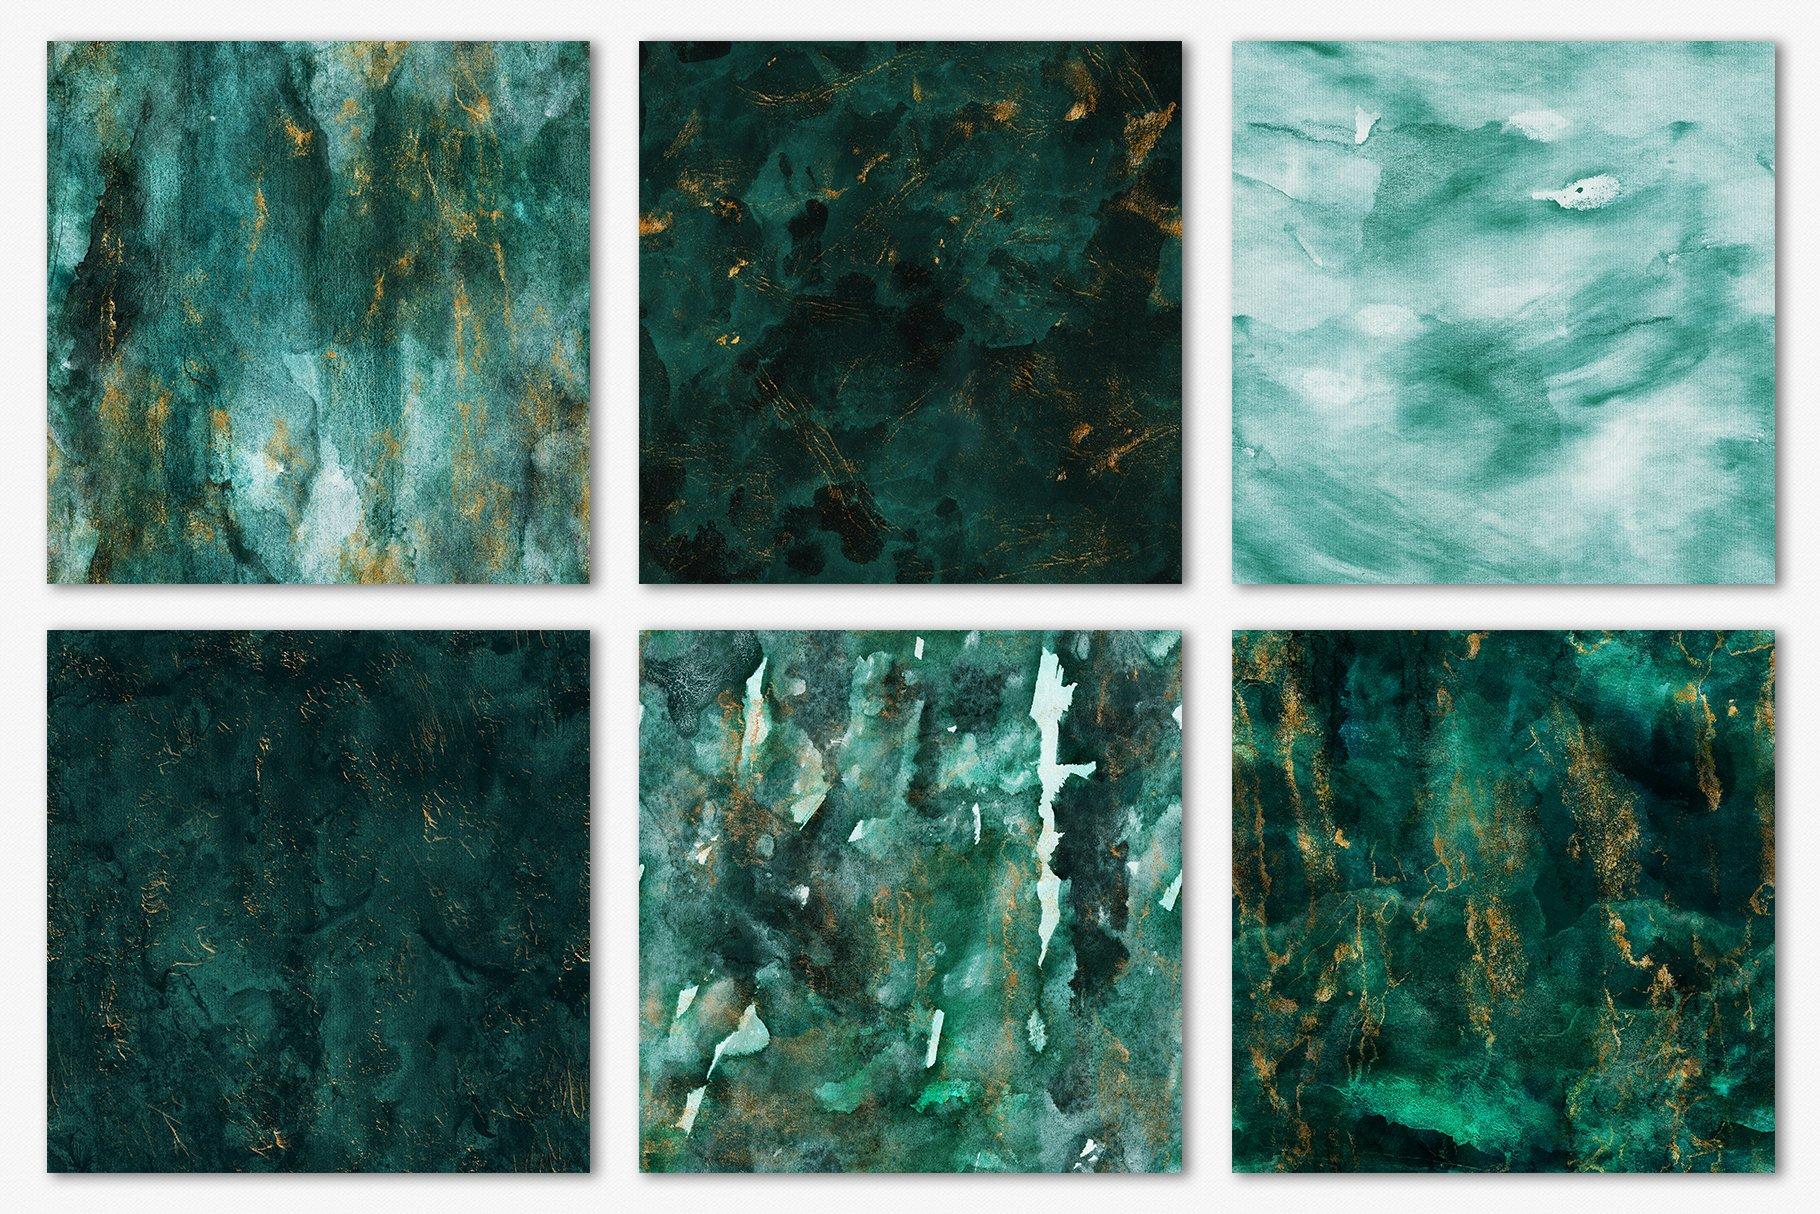 30款奢华翡翠墨绿流金水彩抽象艺术装饰背景底纹图片素材 Seamless Watercolor Backgrounds插图13